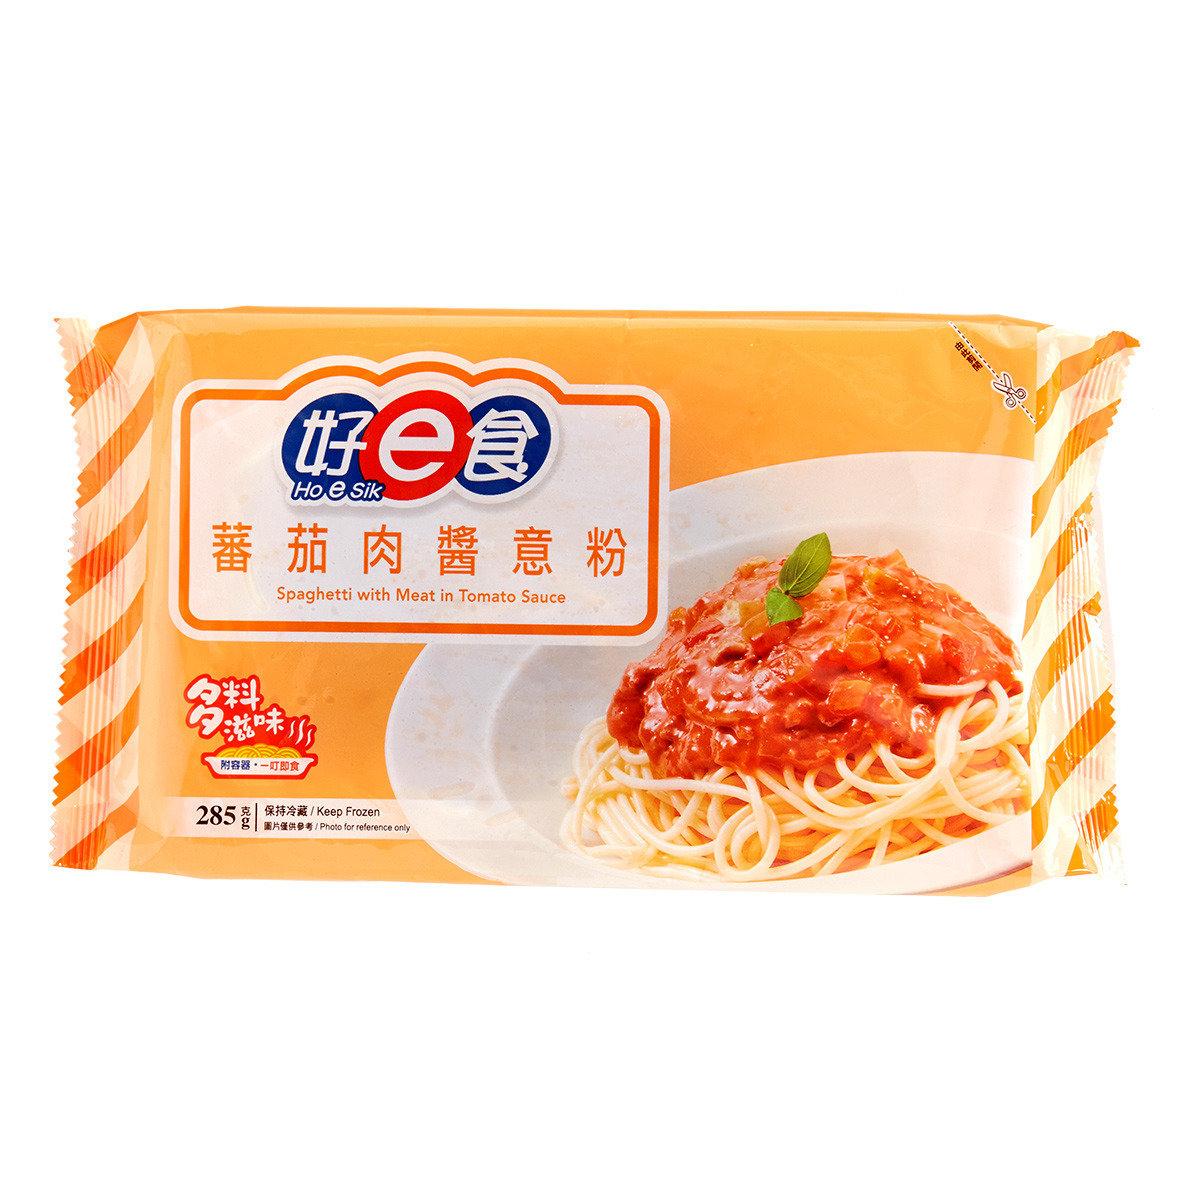 好e食 - 蕃茄肉醬意粉 (急凍)